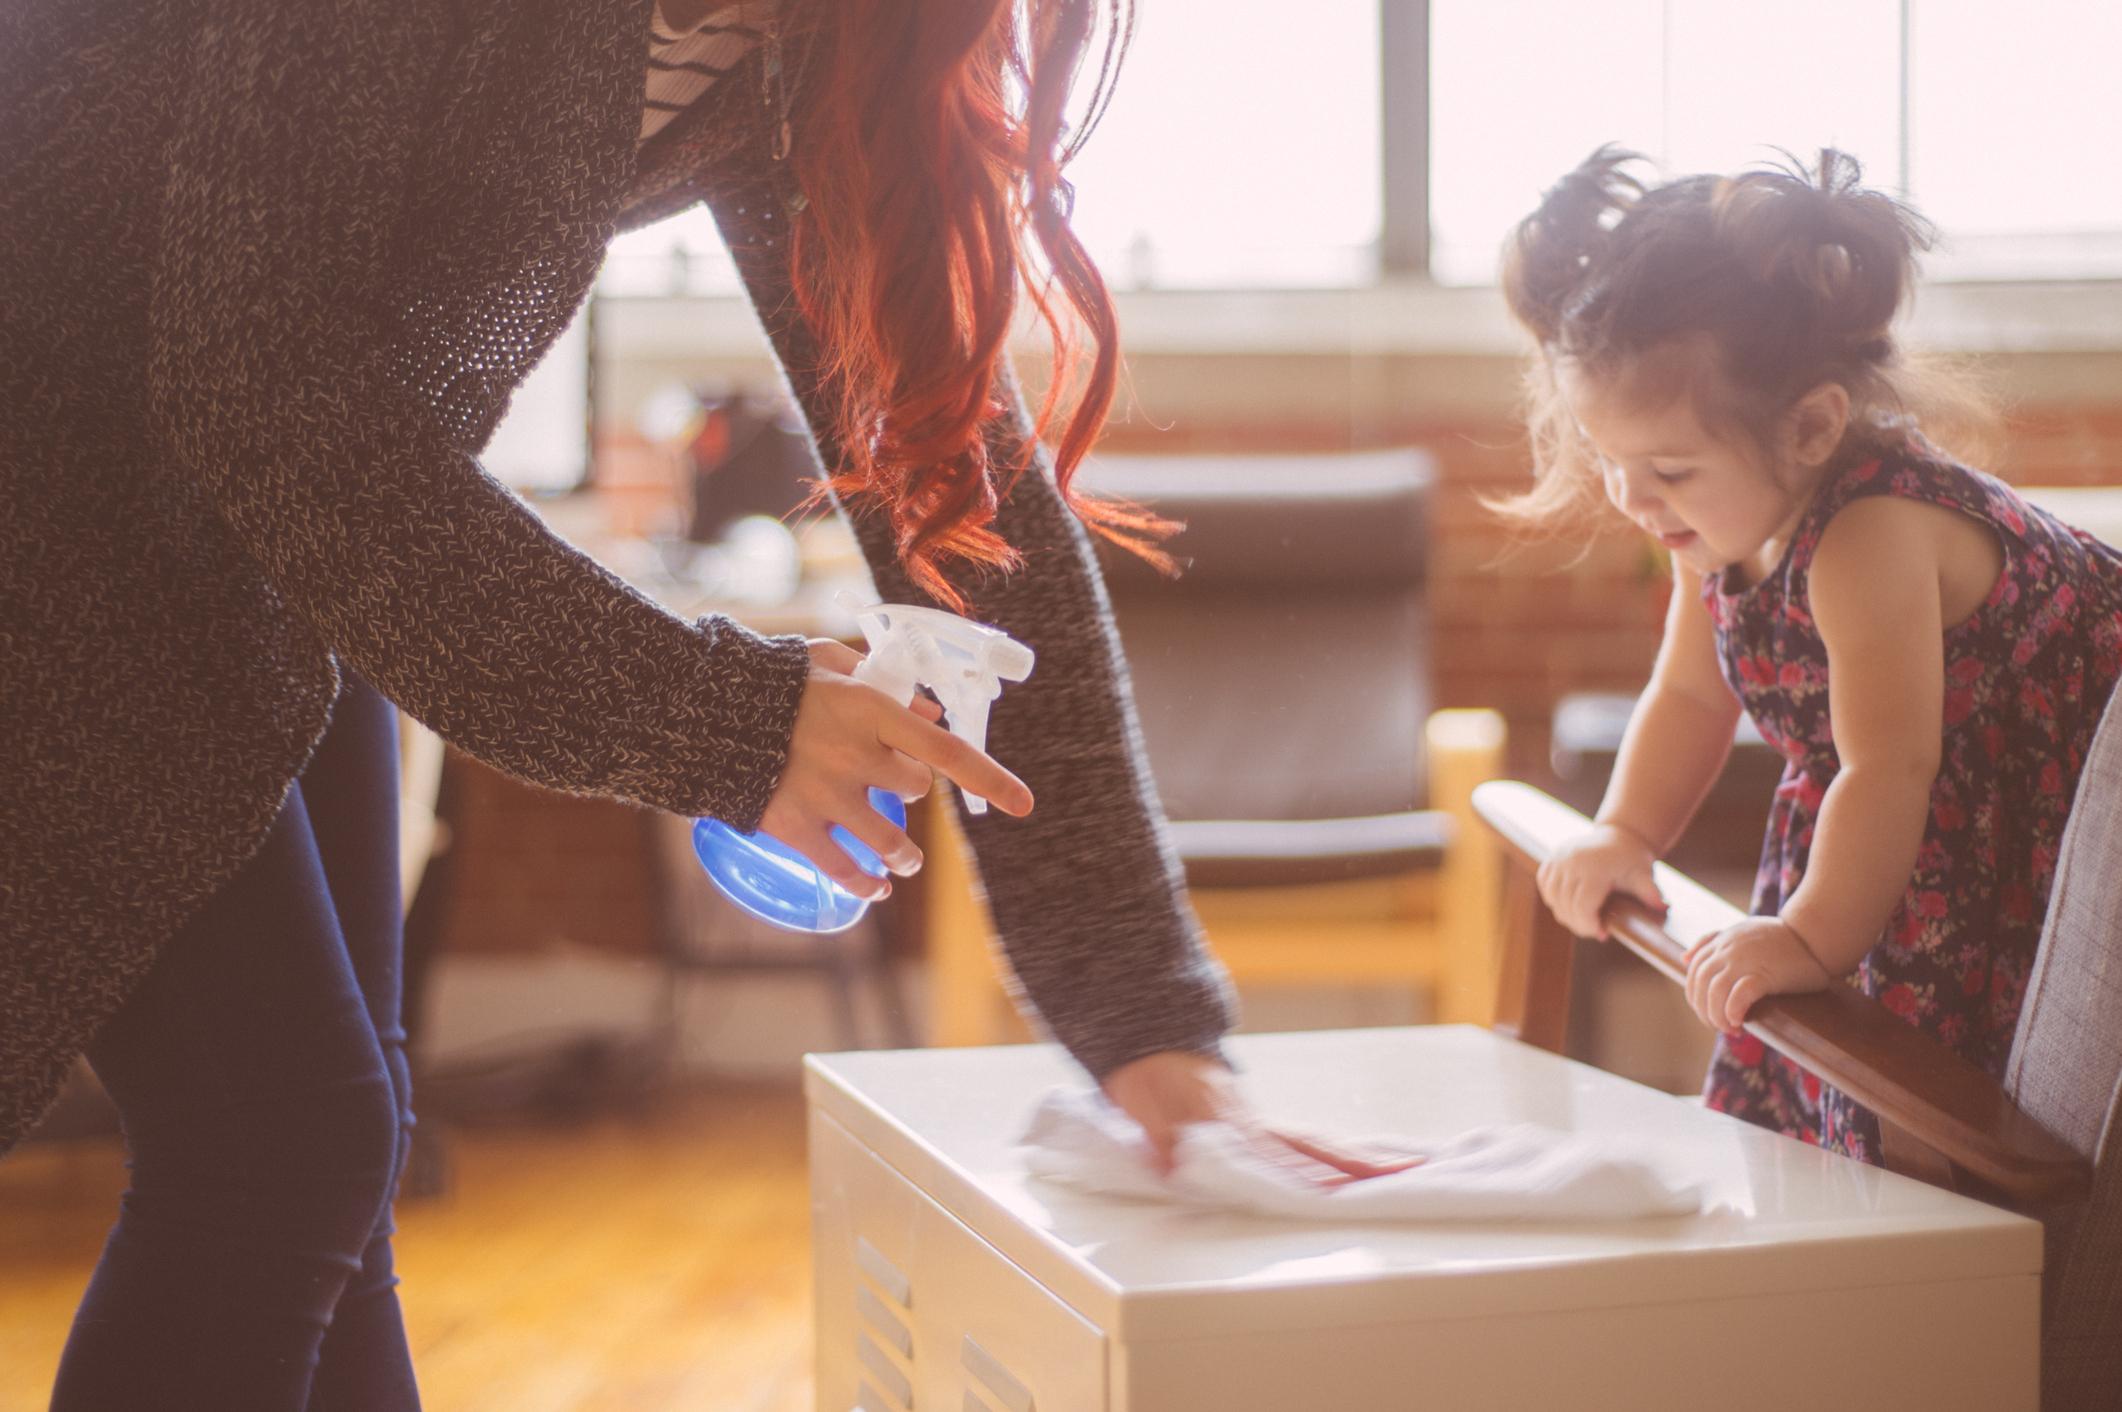 Dobiti pomoć od djece u kućanskim poslovima ponekad je izazov.